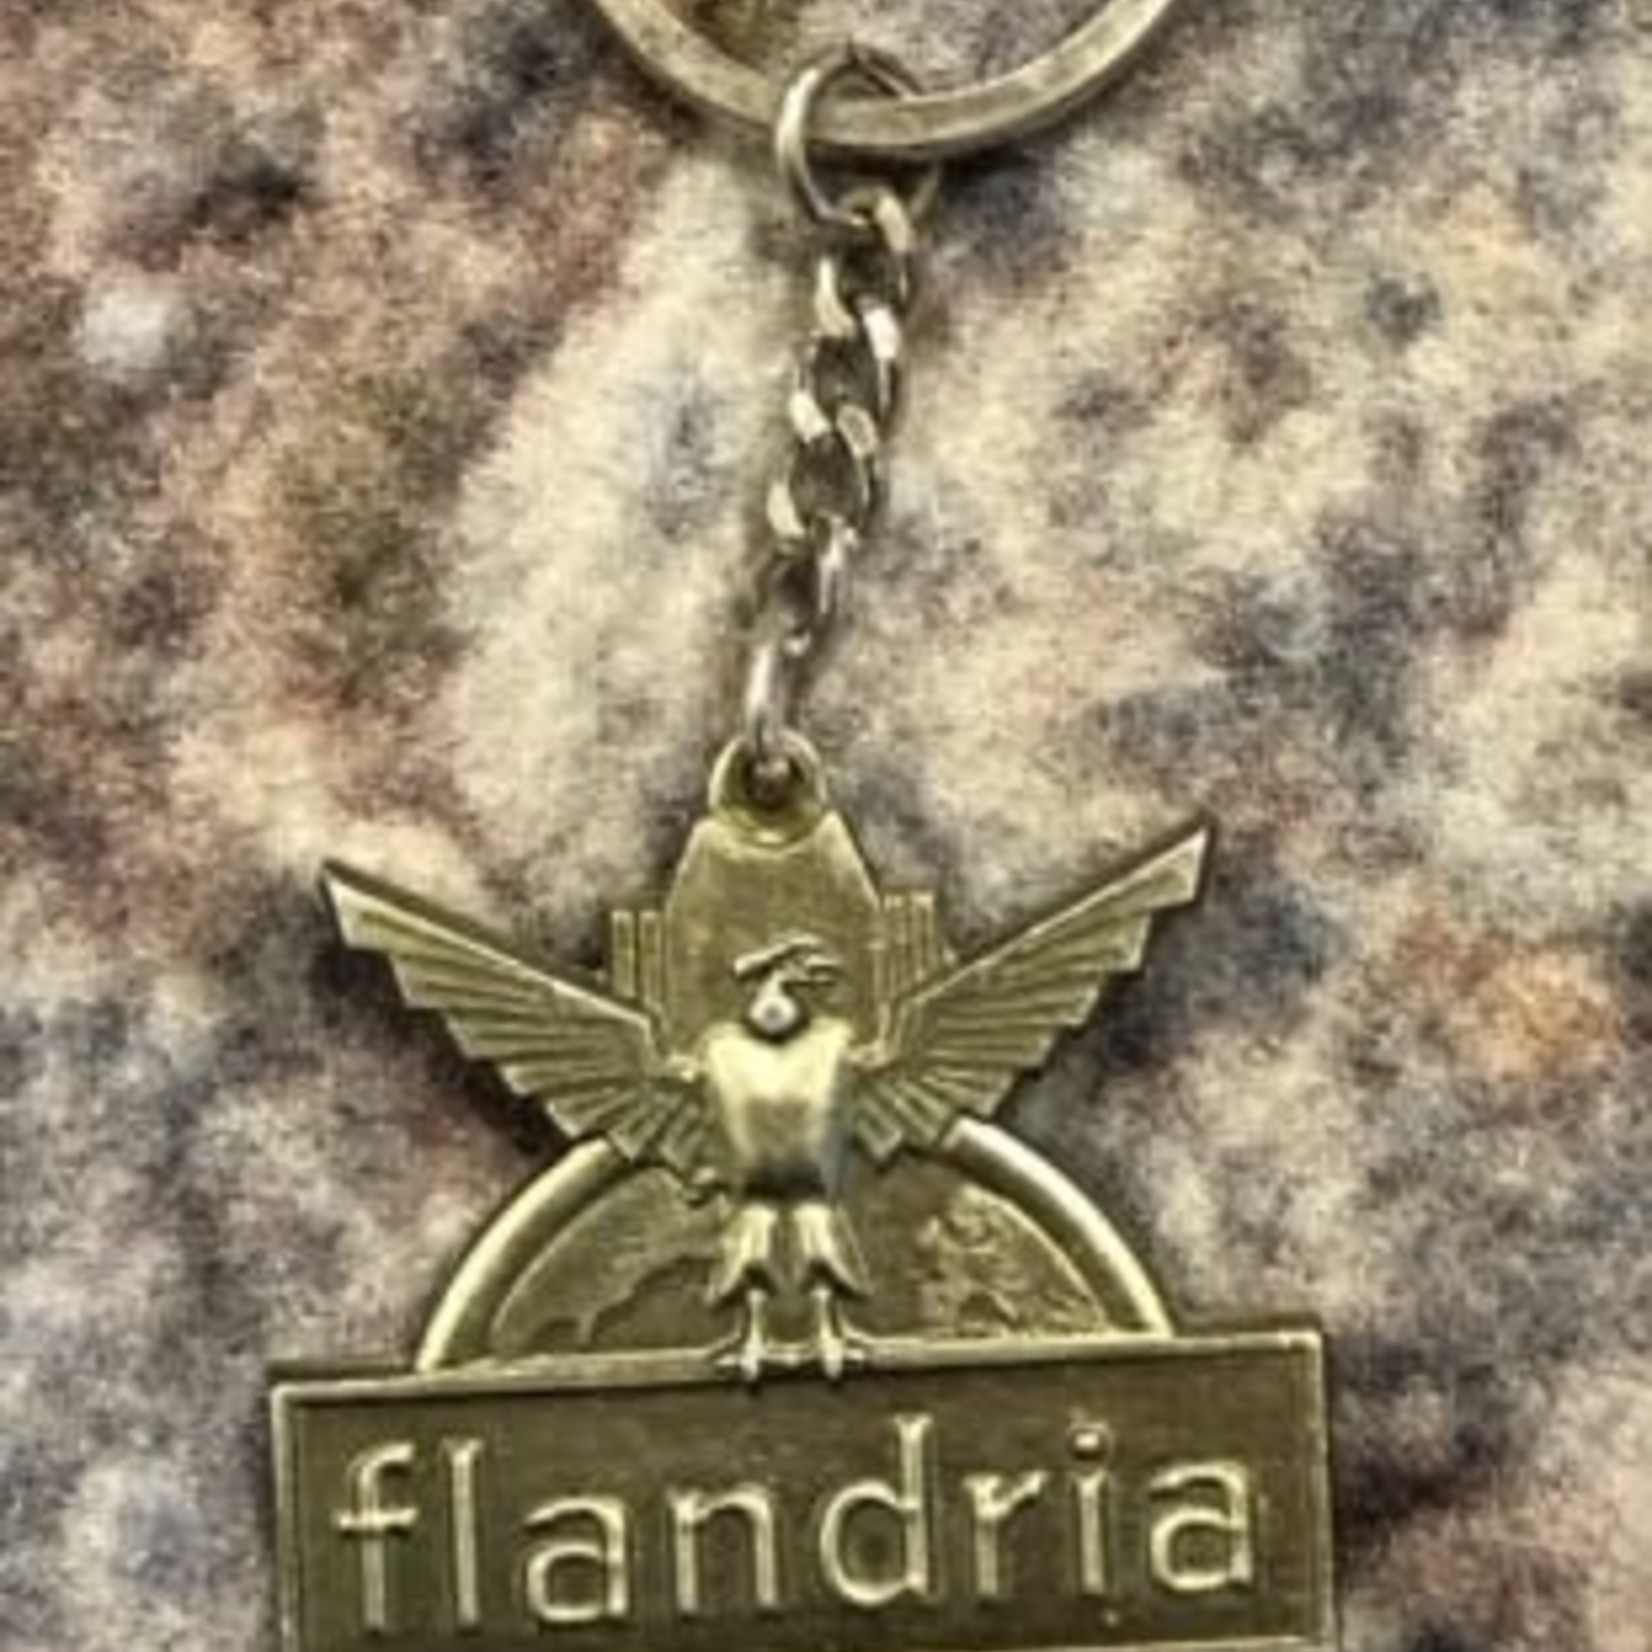 Flandria sleutelhanger